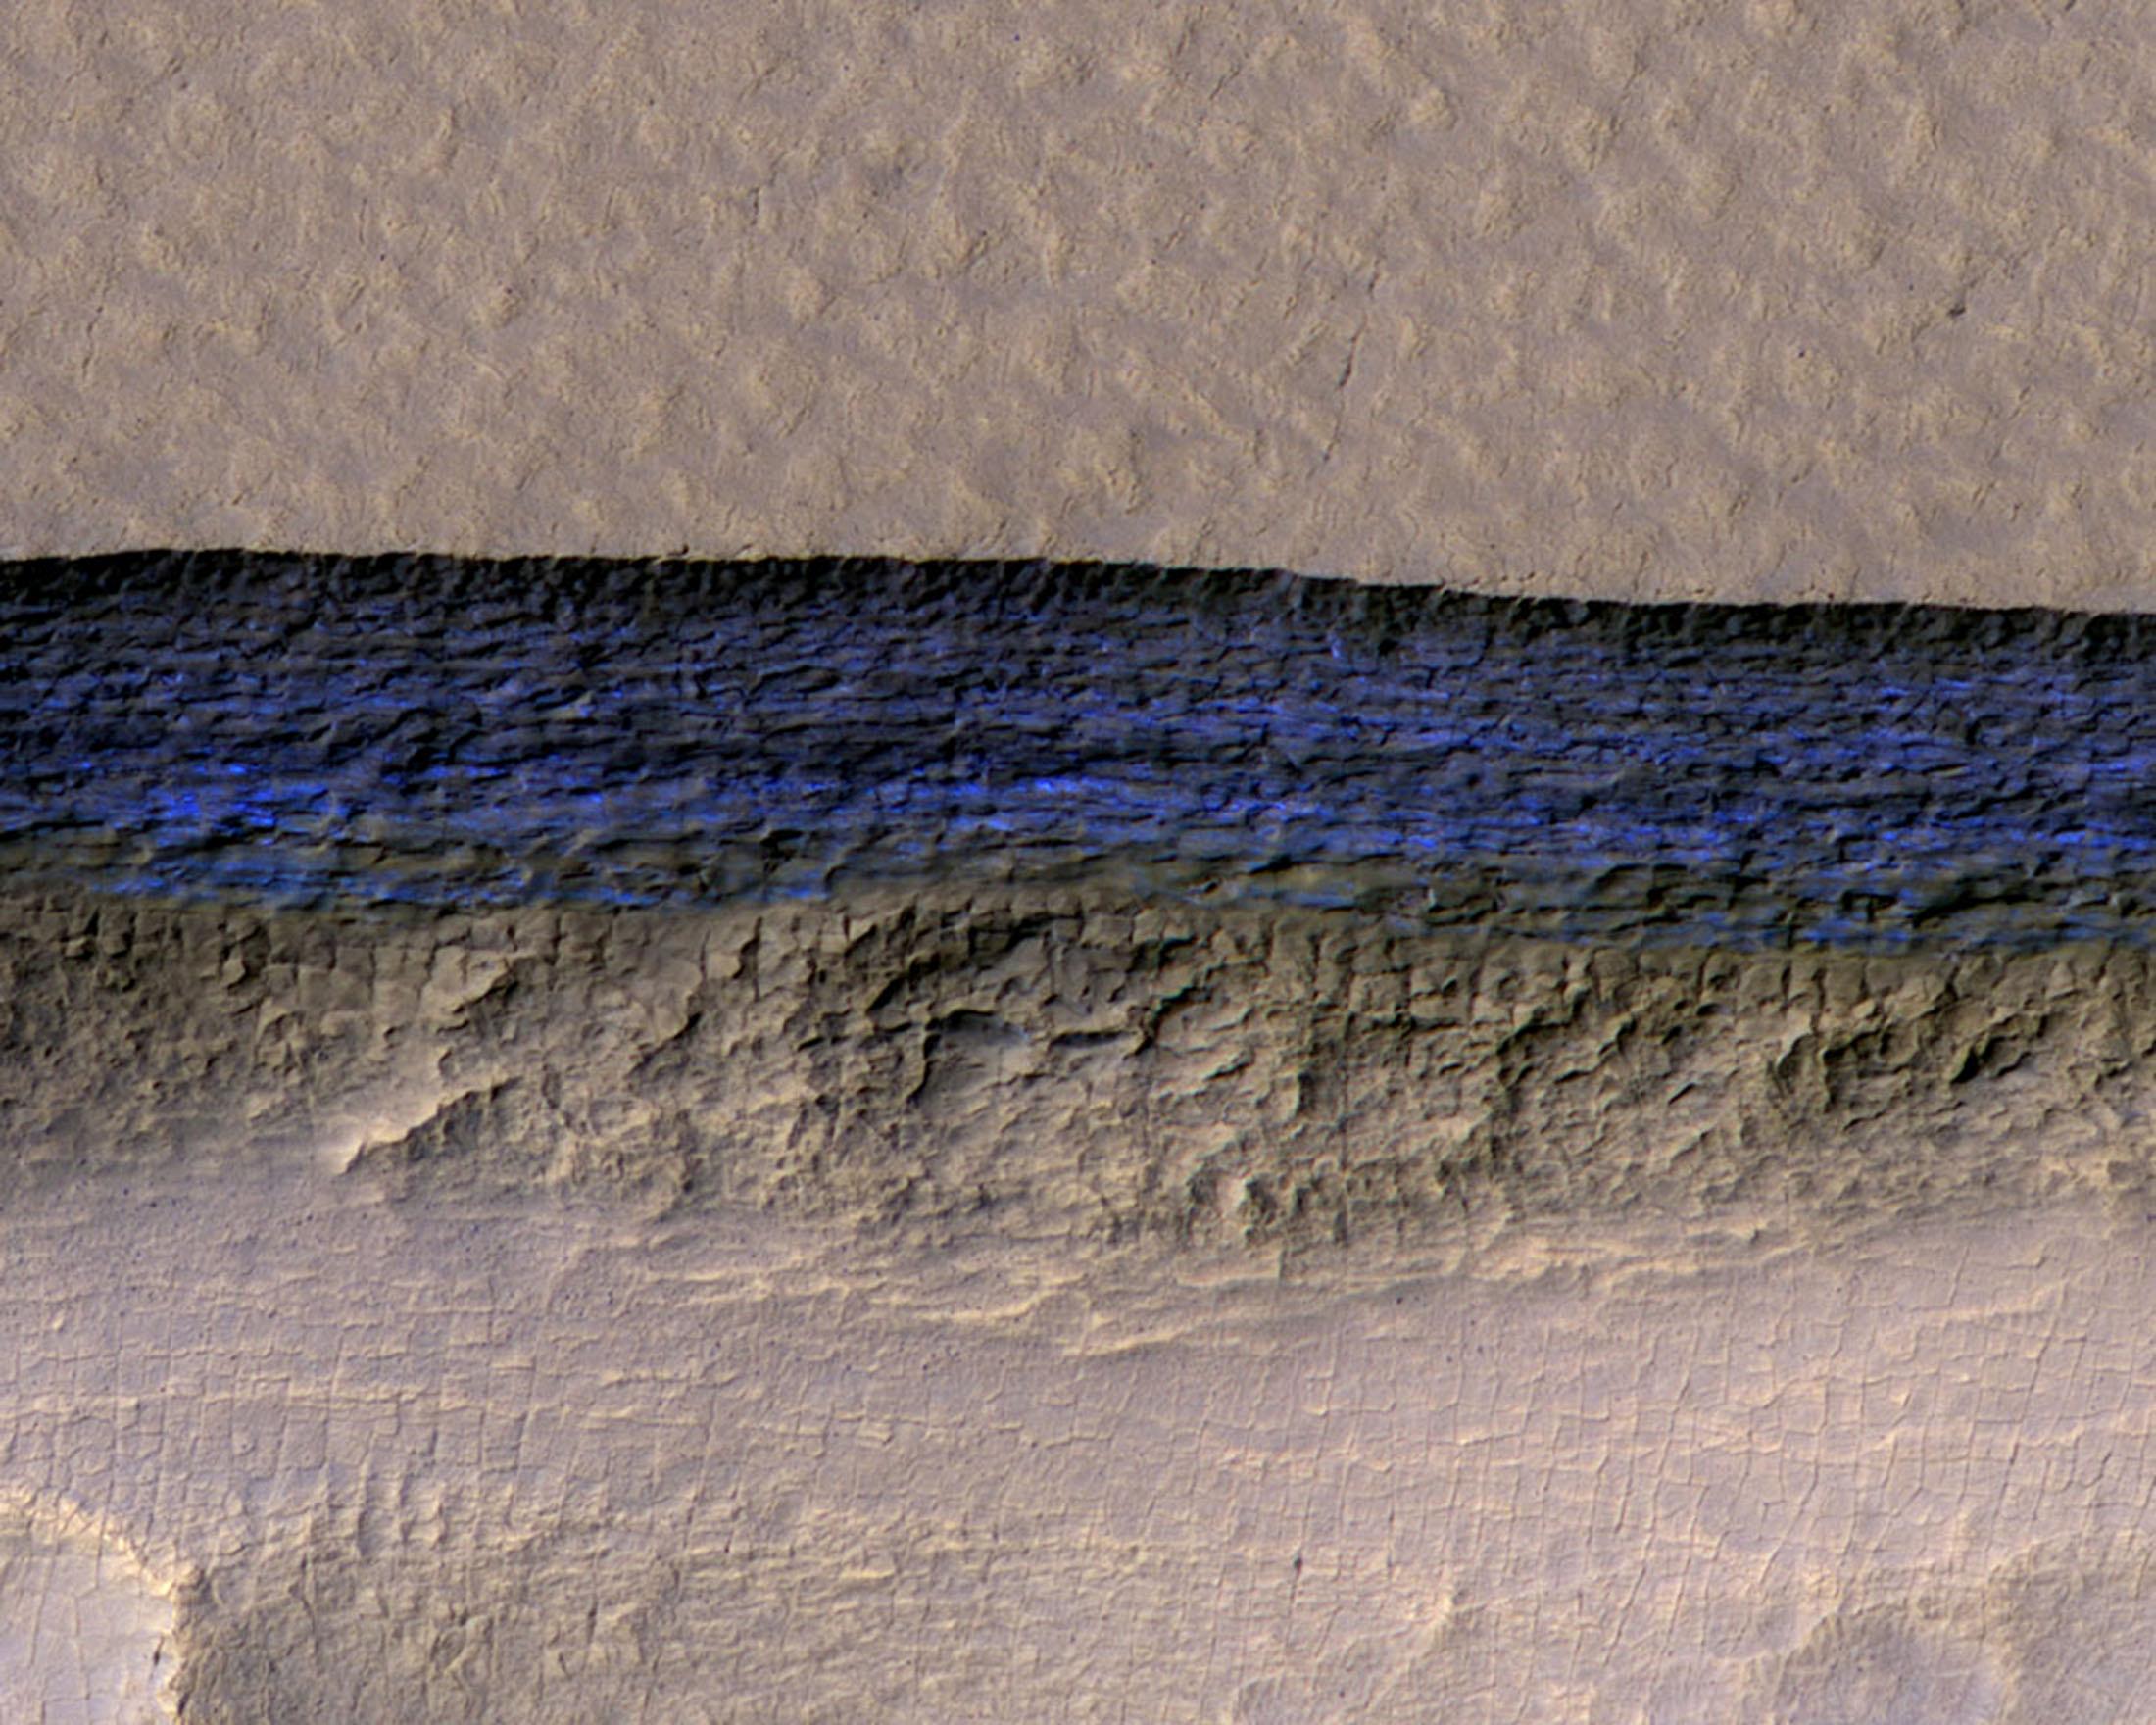 منحدرات حادة  على سطح كوكب المريخ